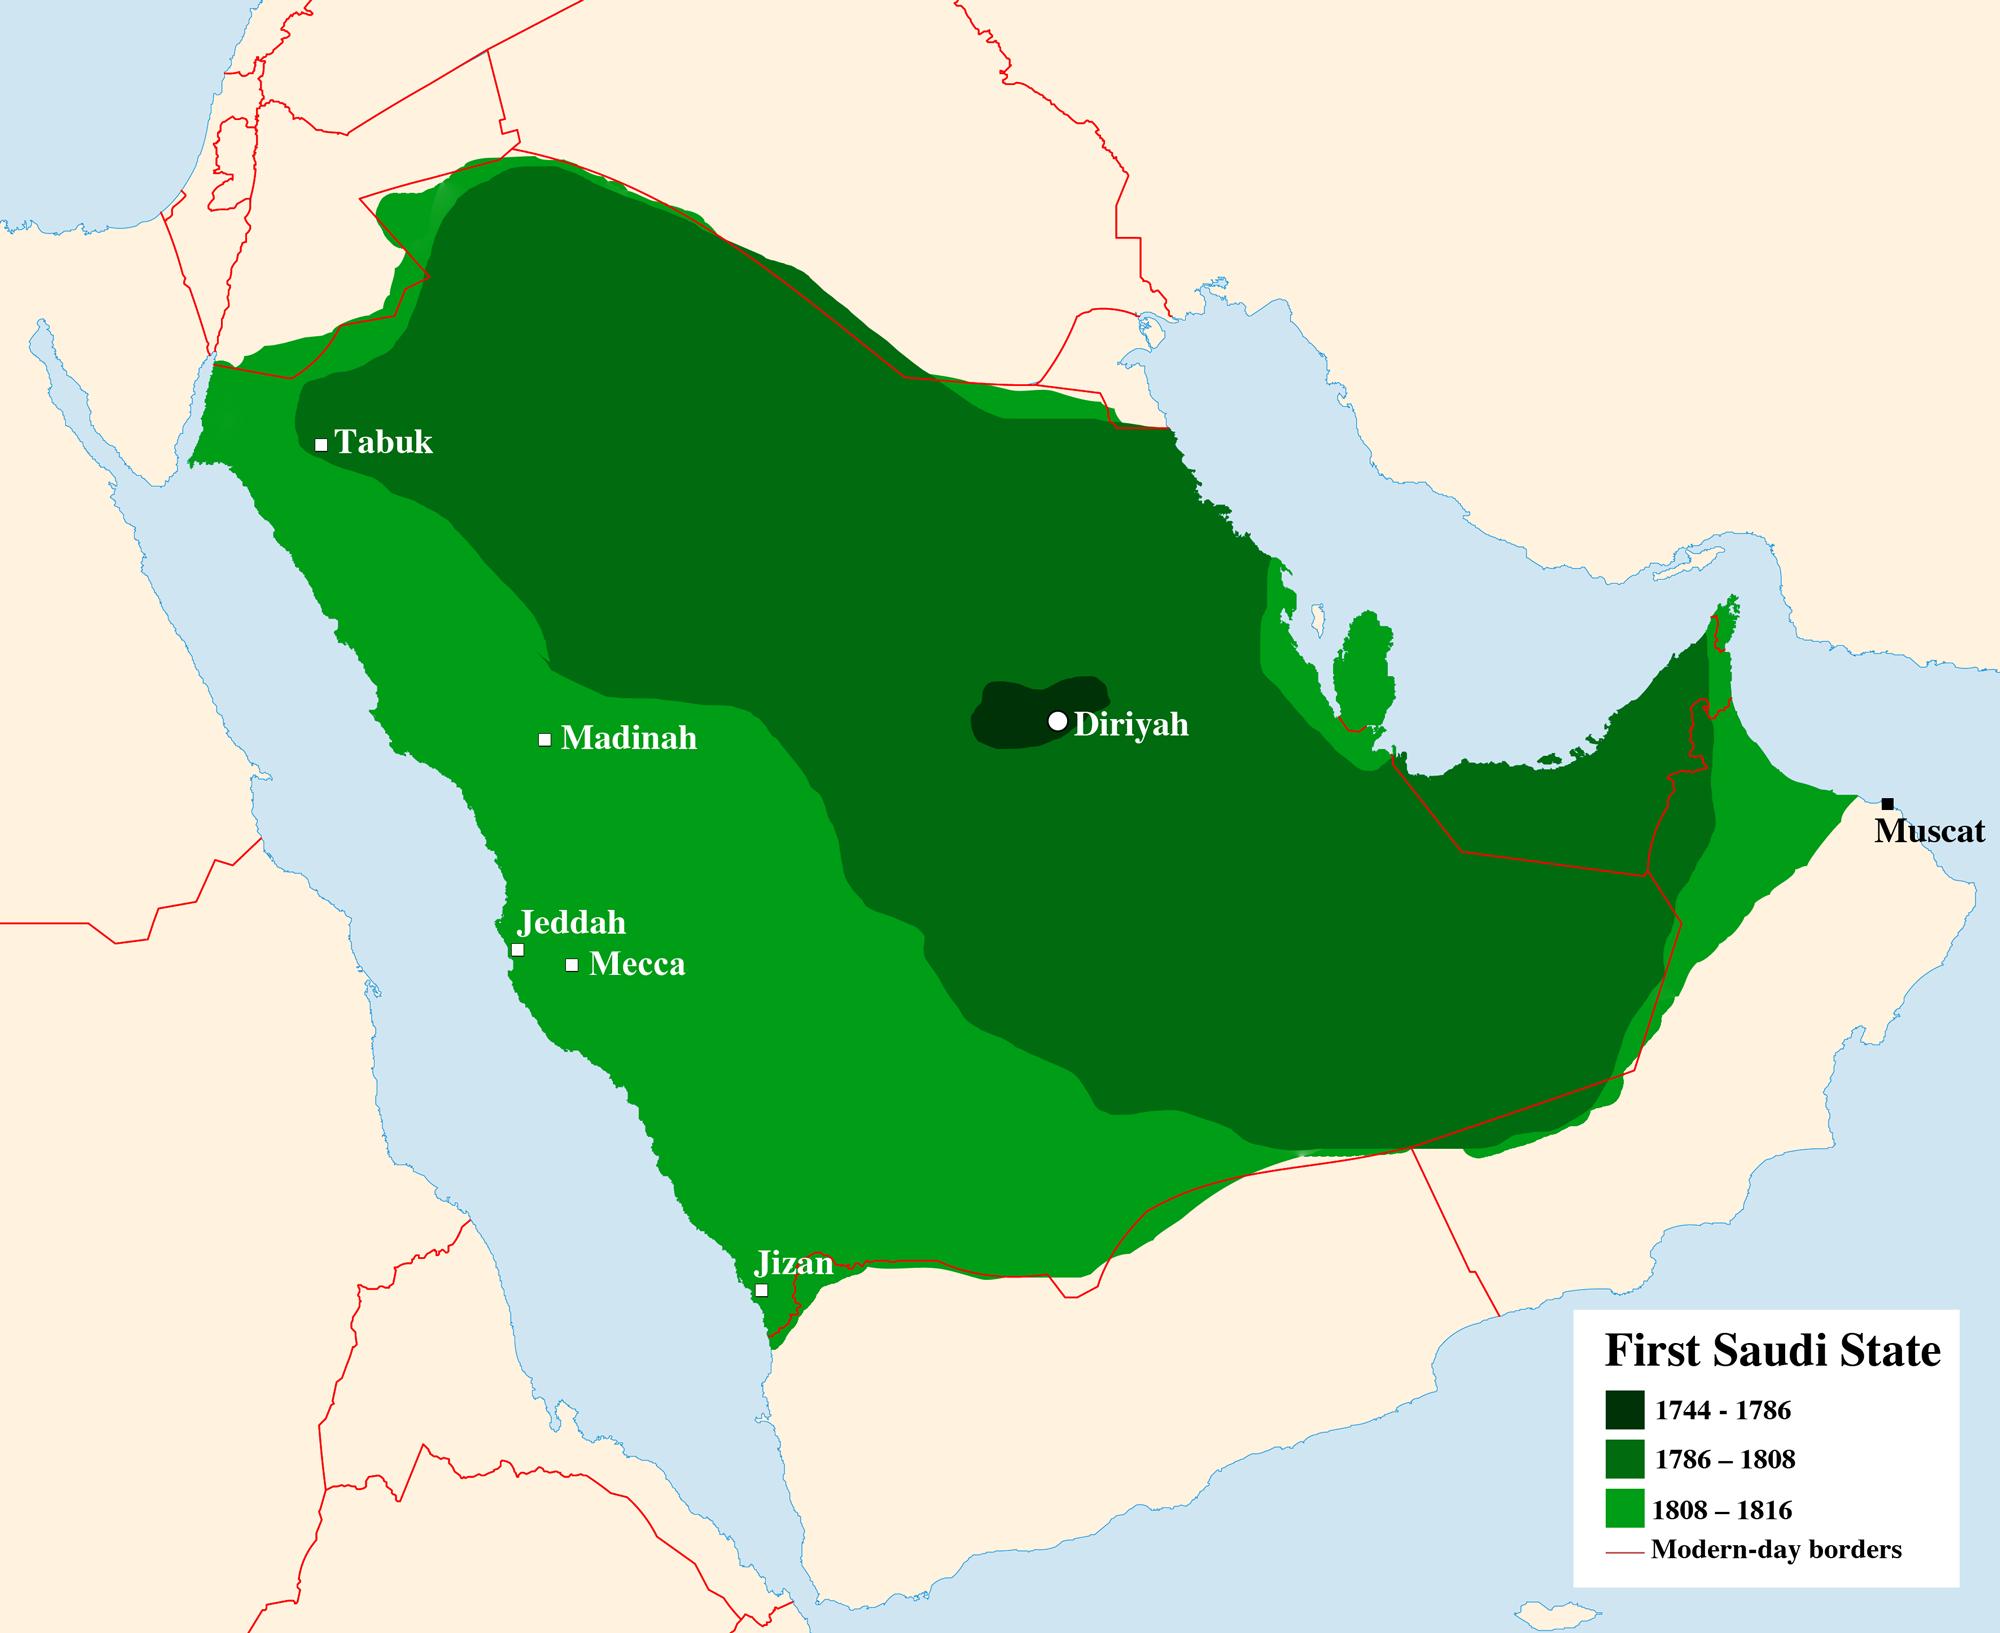 تاسيس الدولة السعودية الاولى : متى تأسست الدولة السعودية الأولى